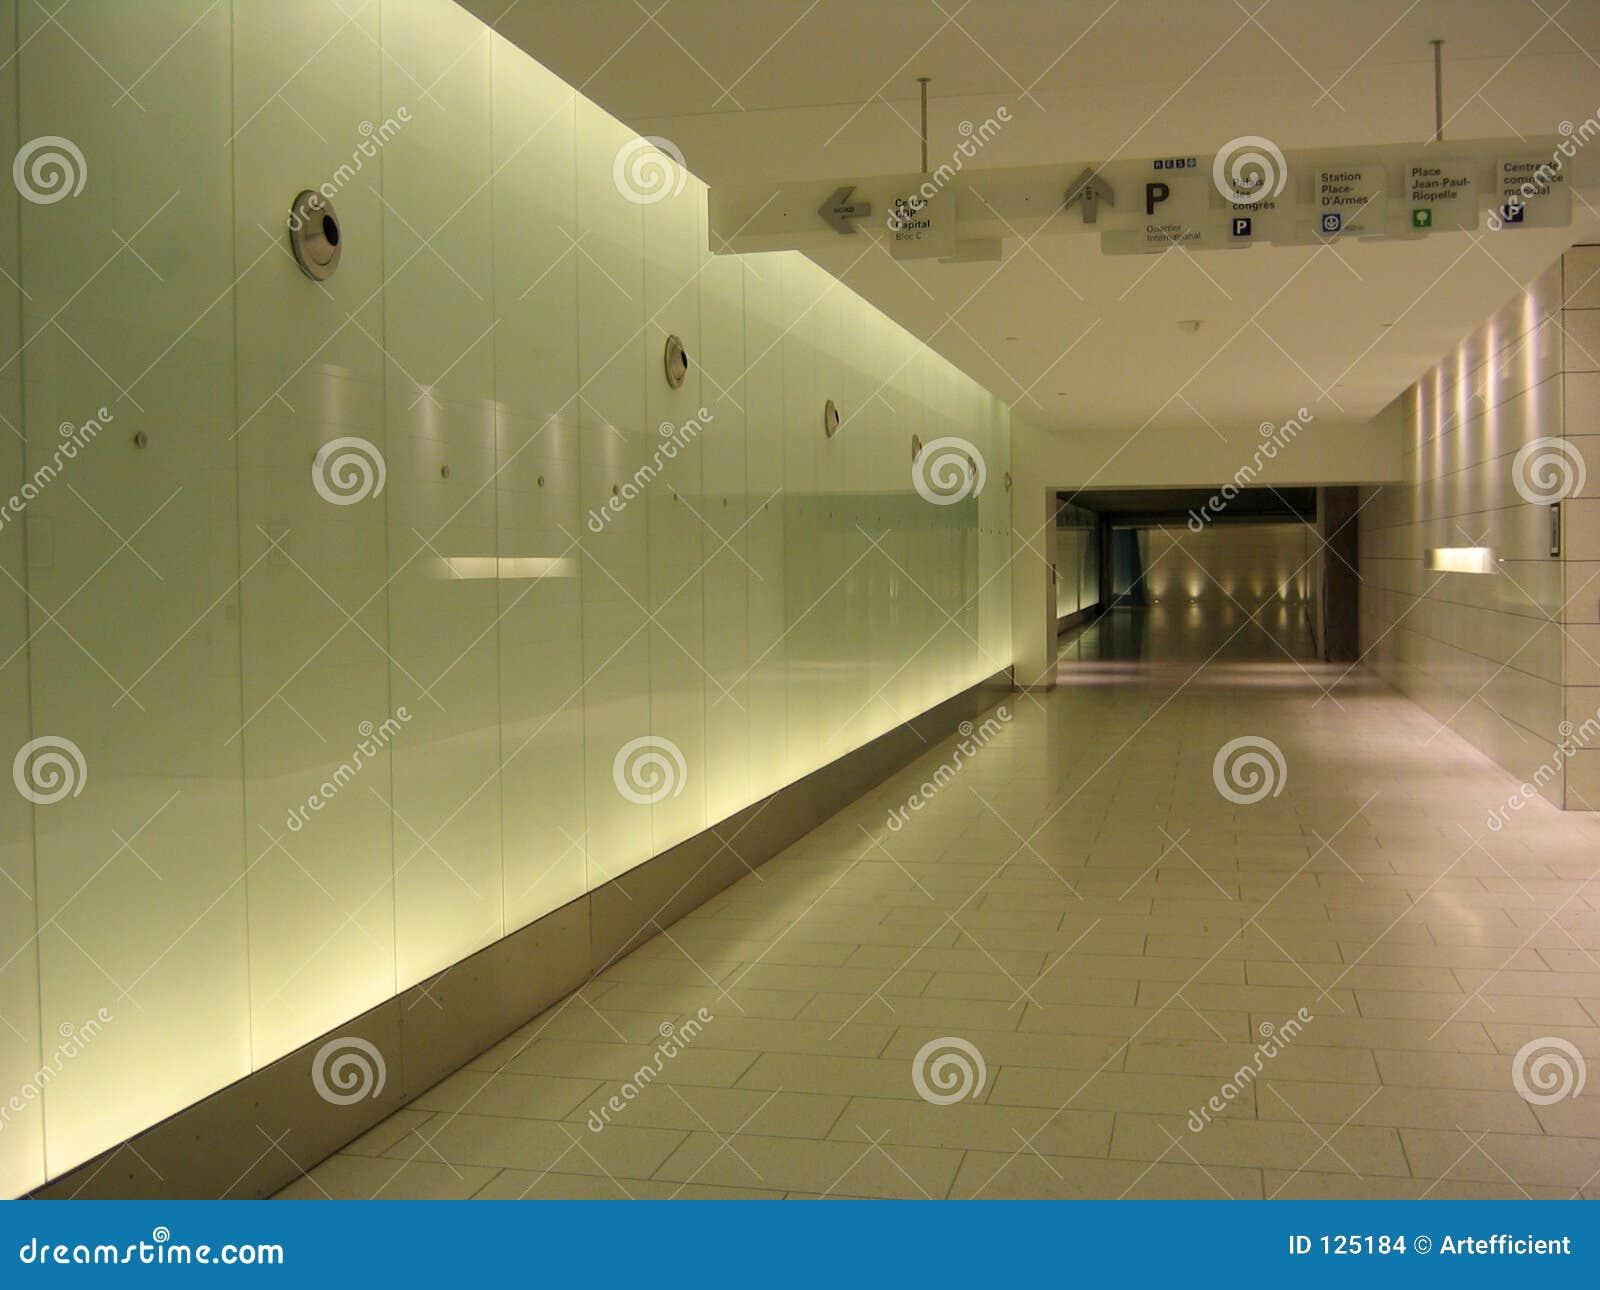 Corridoio sotterraneo con i segni e le pareti back-lighted